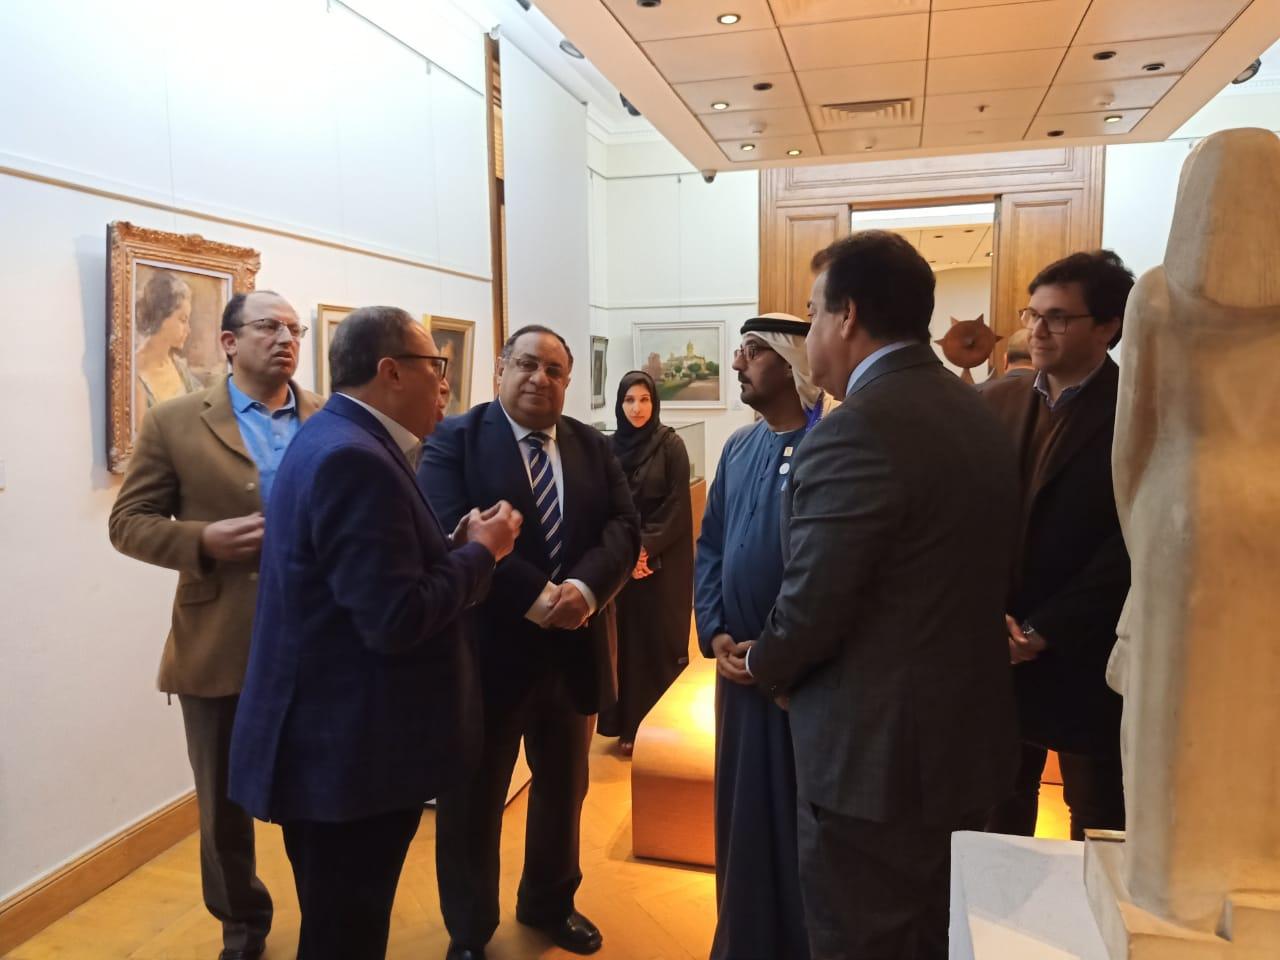 وزير التعليم العالى ووزير التعليم الإماراتى فى زيارة لكلية الفنون الجميلة بالزمالك (4)